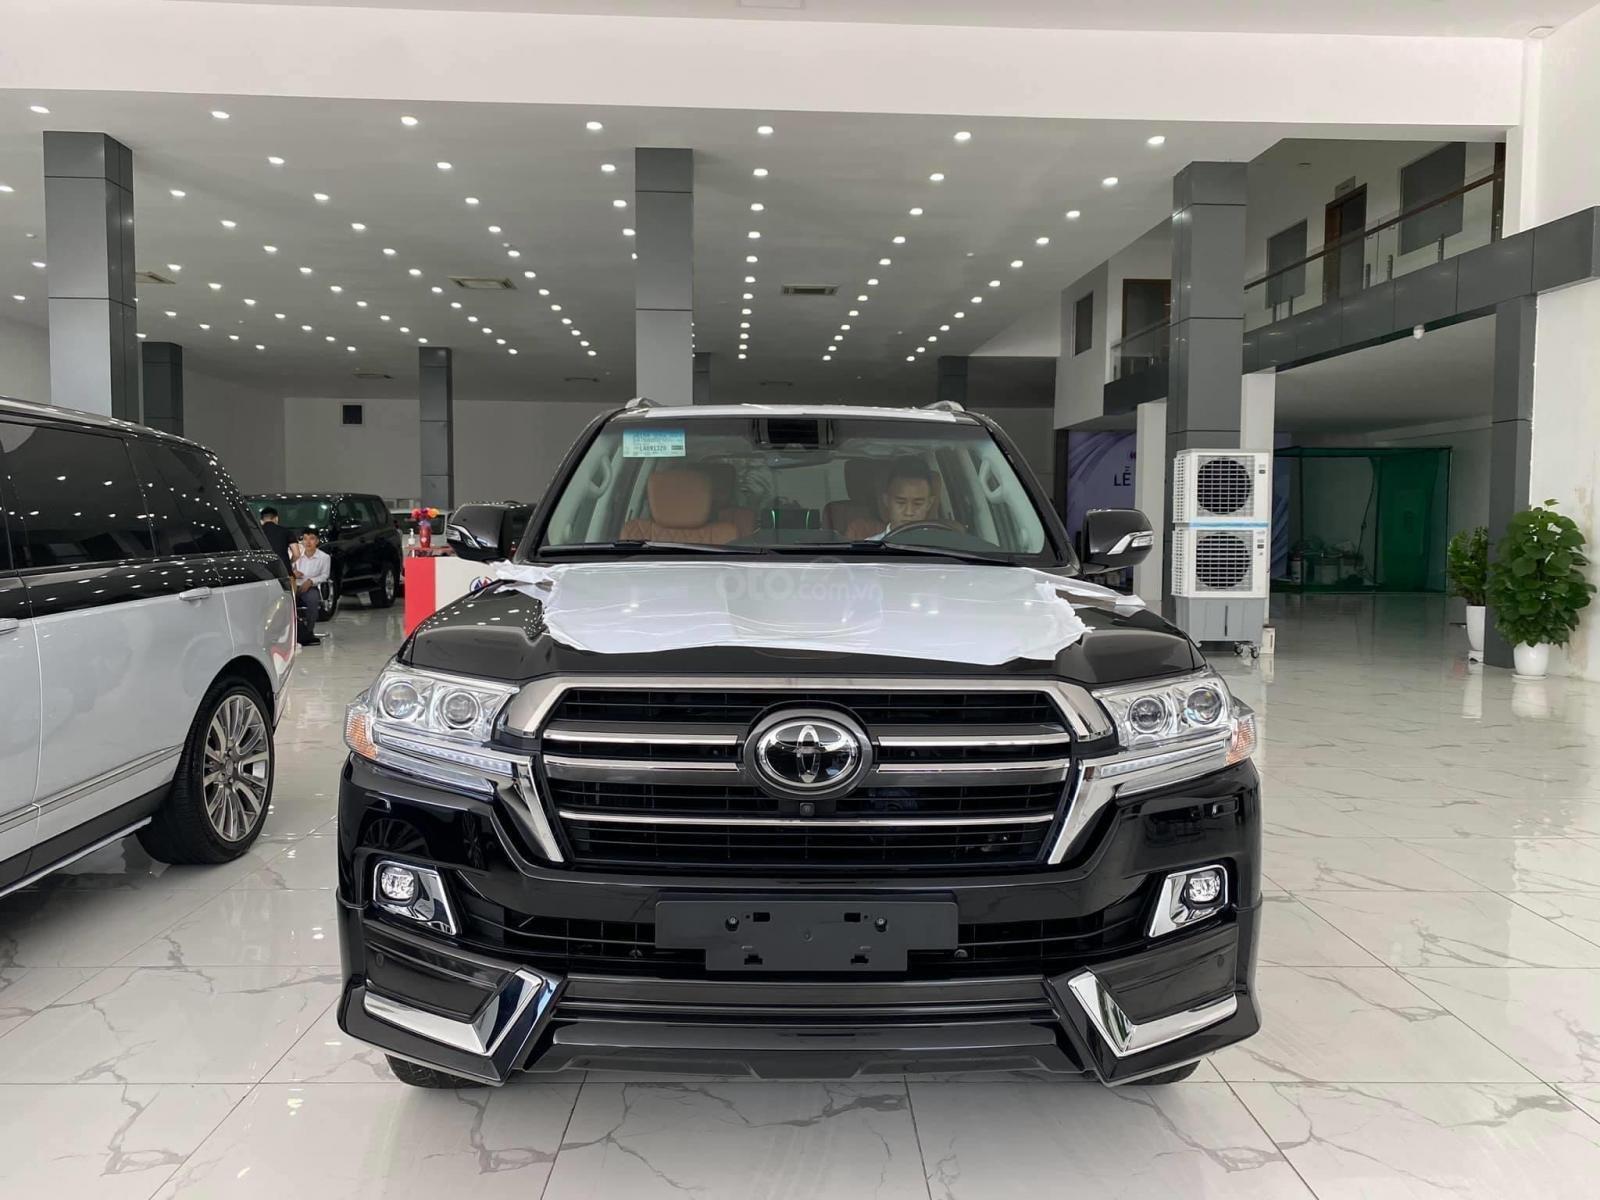 Bán Toyota Land Cruise MBS 5.7,4 ghế thương gia siêu vip, sản xuất 2020, xe giao ngay (1)